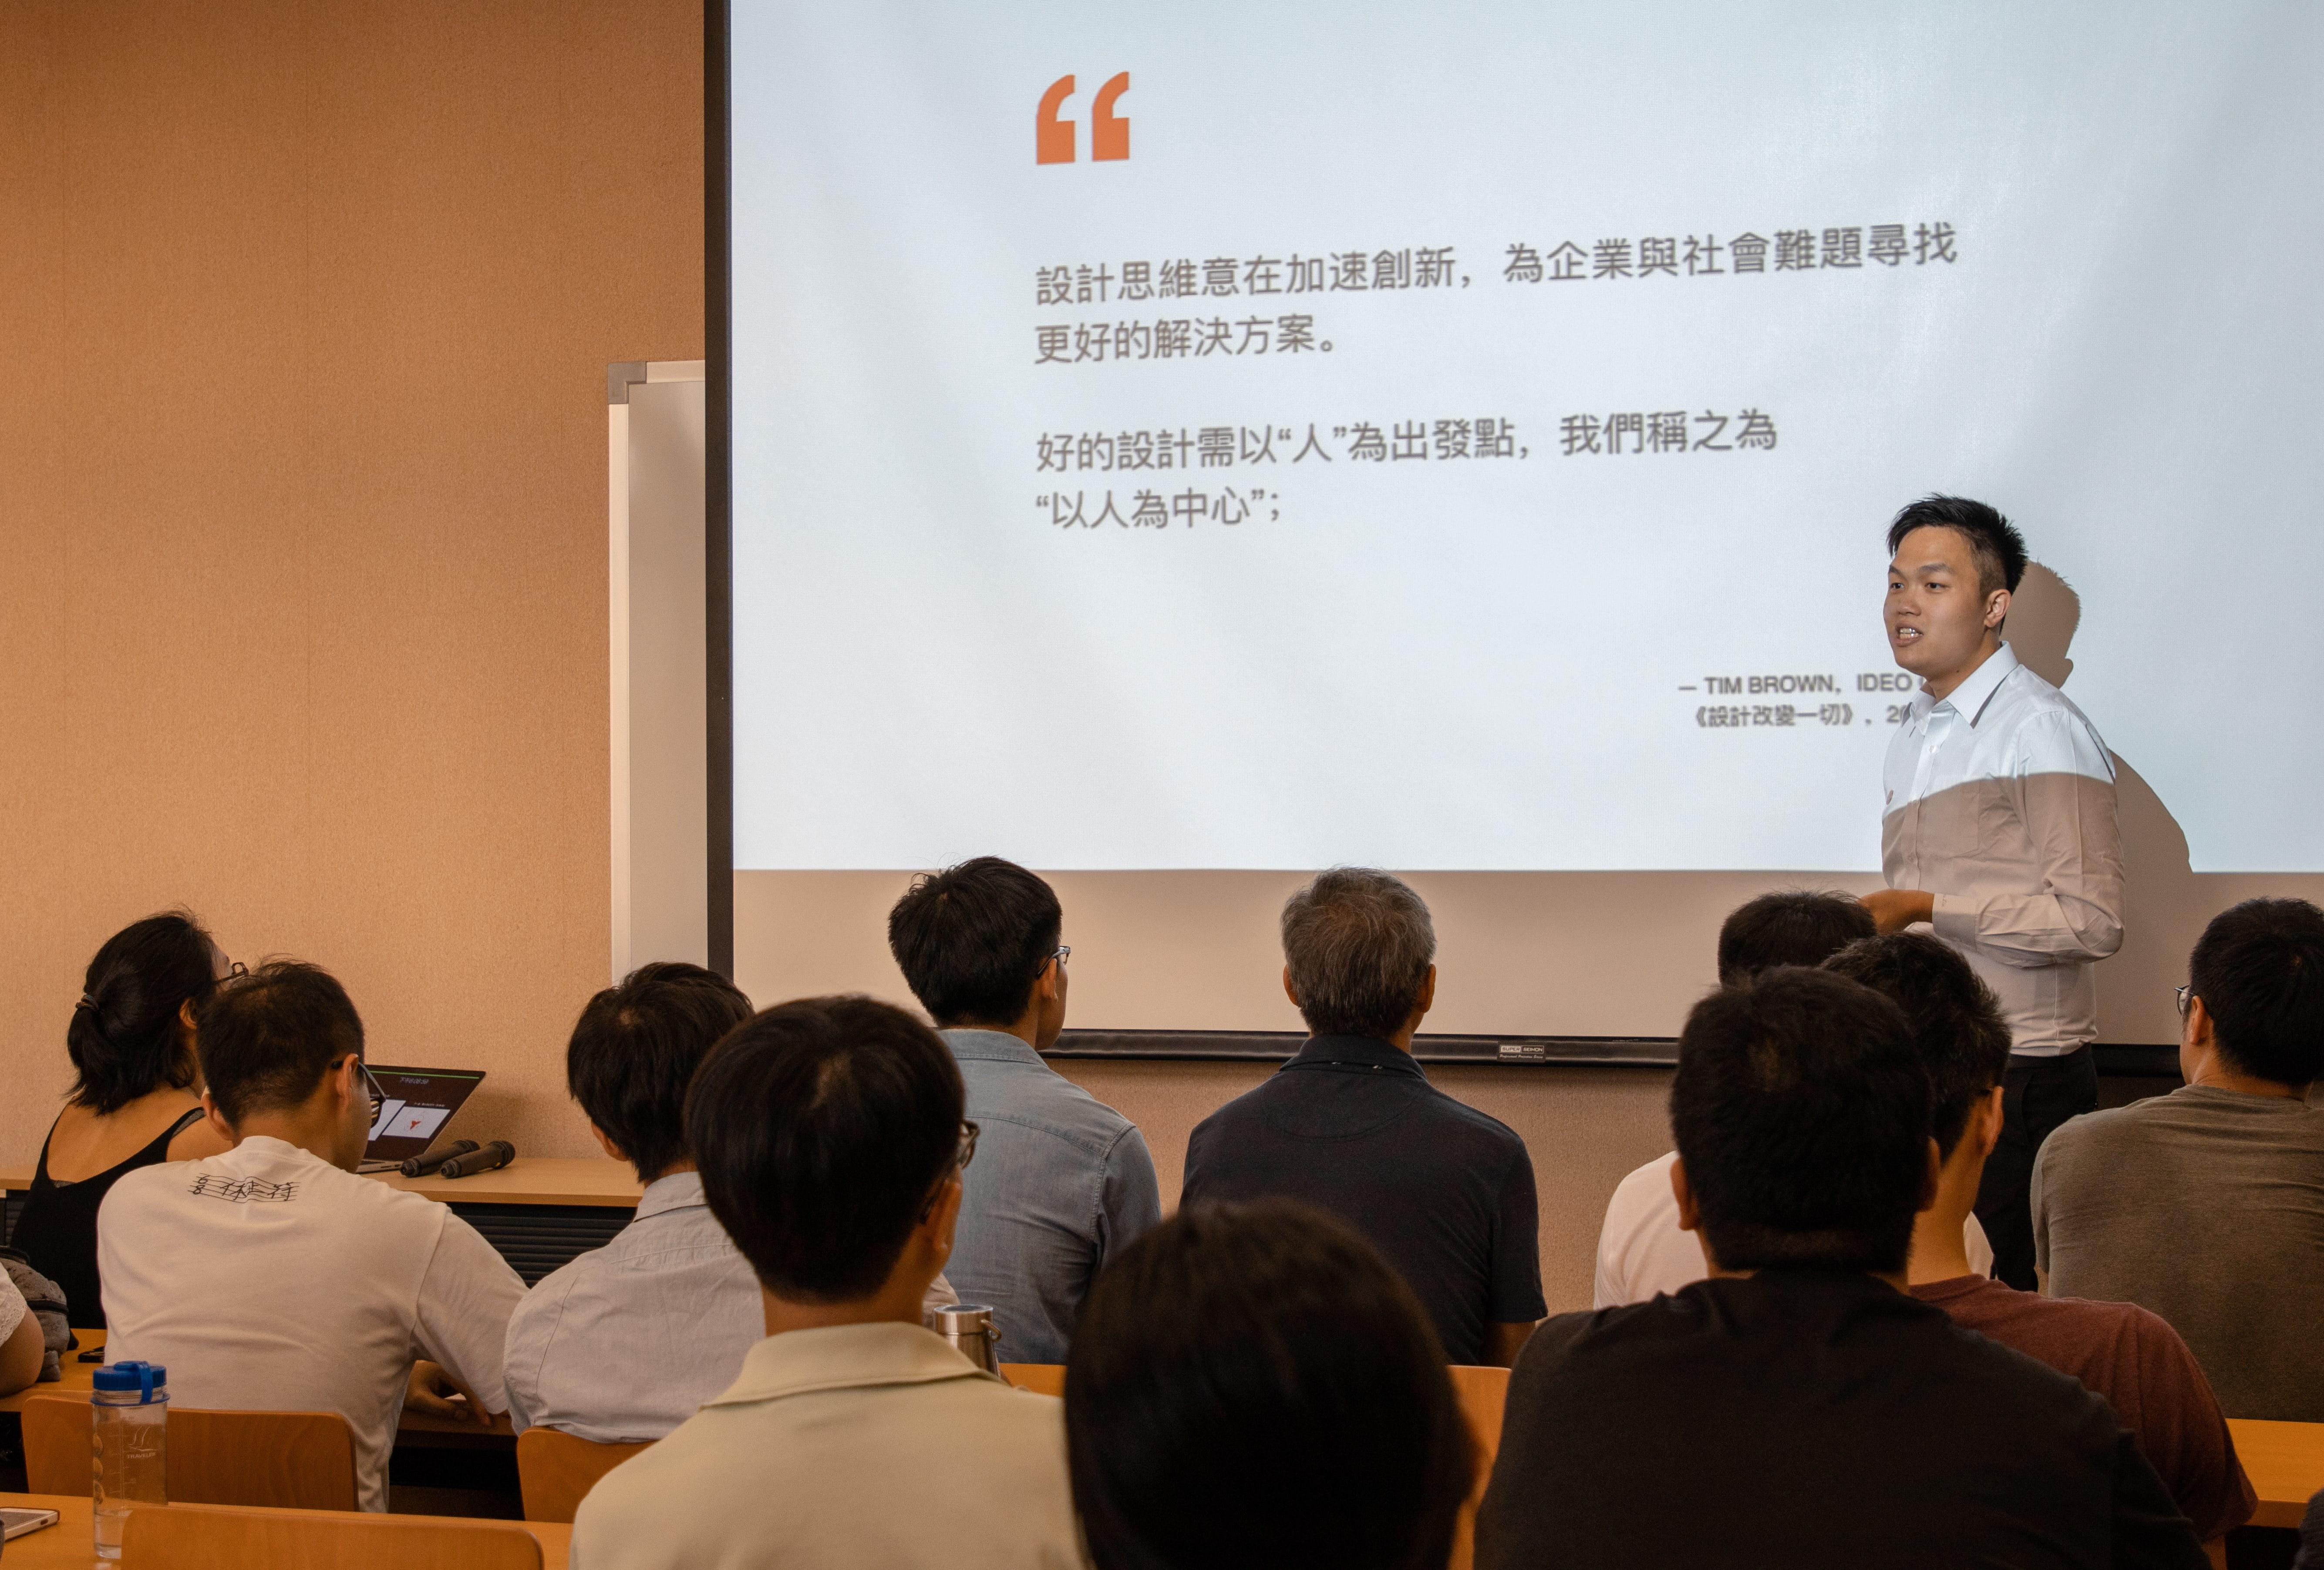 【生活誌專訪】Q School 創辦人-劉庭安。從產品經理角度審視教育痛點,實際行動讓教育跟上時代!